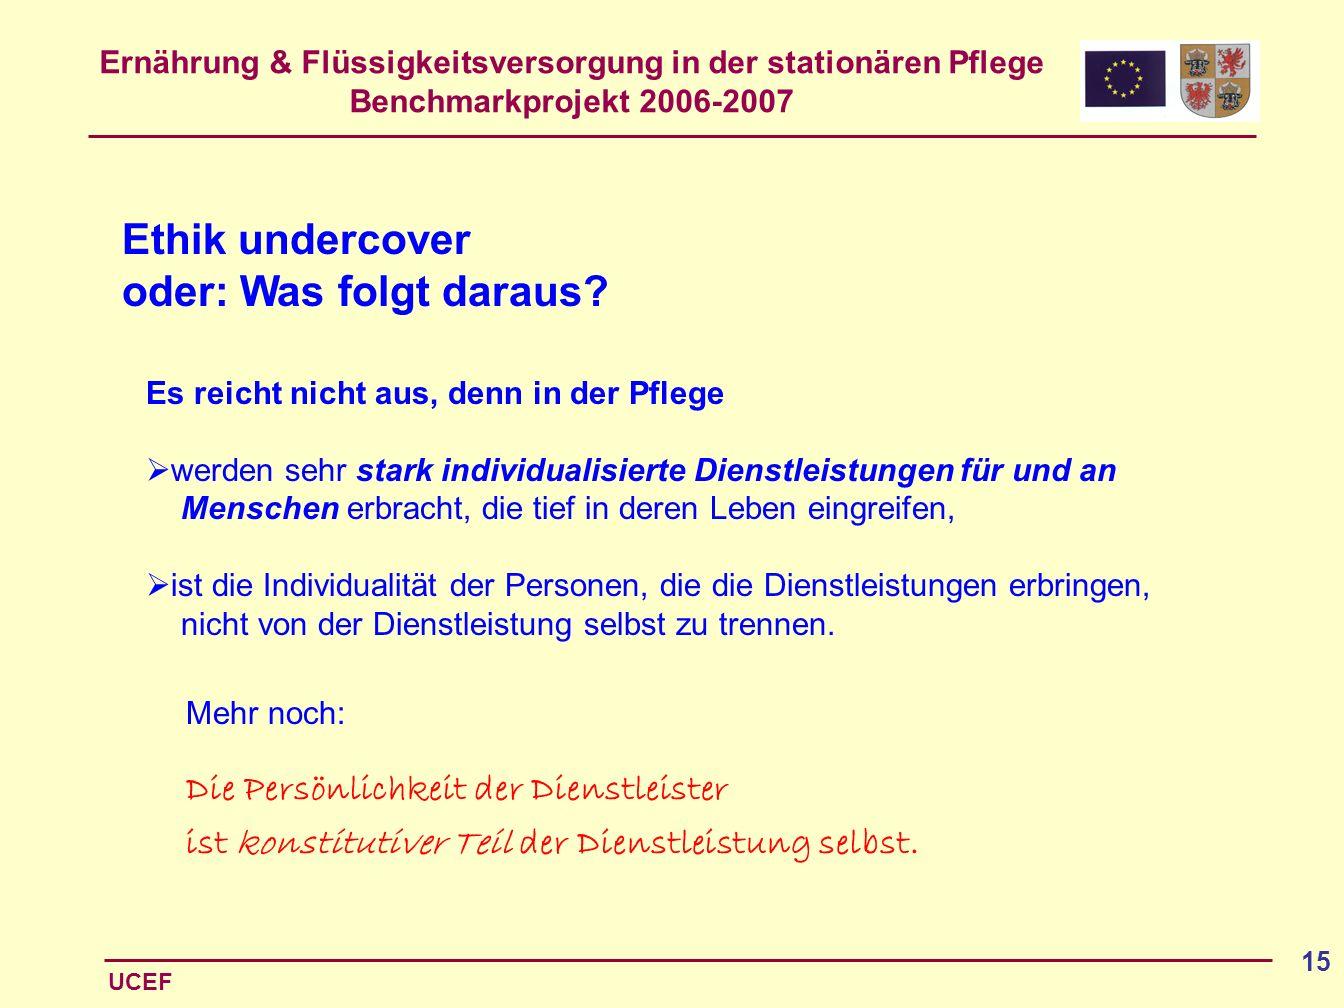 Ernährung & Flüssigkeitsversorgung in der stationären Pflege Benchmarkprojekt 2006-2007 UCEF 15 Ethik undercover oder: Was folgt daraus? Es reicht nic